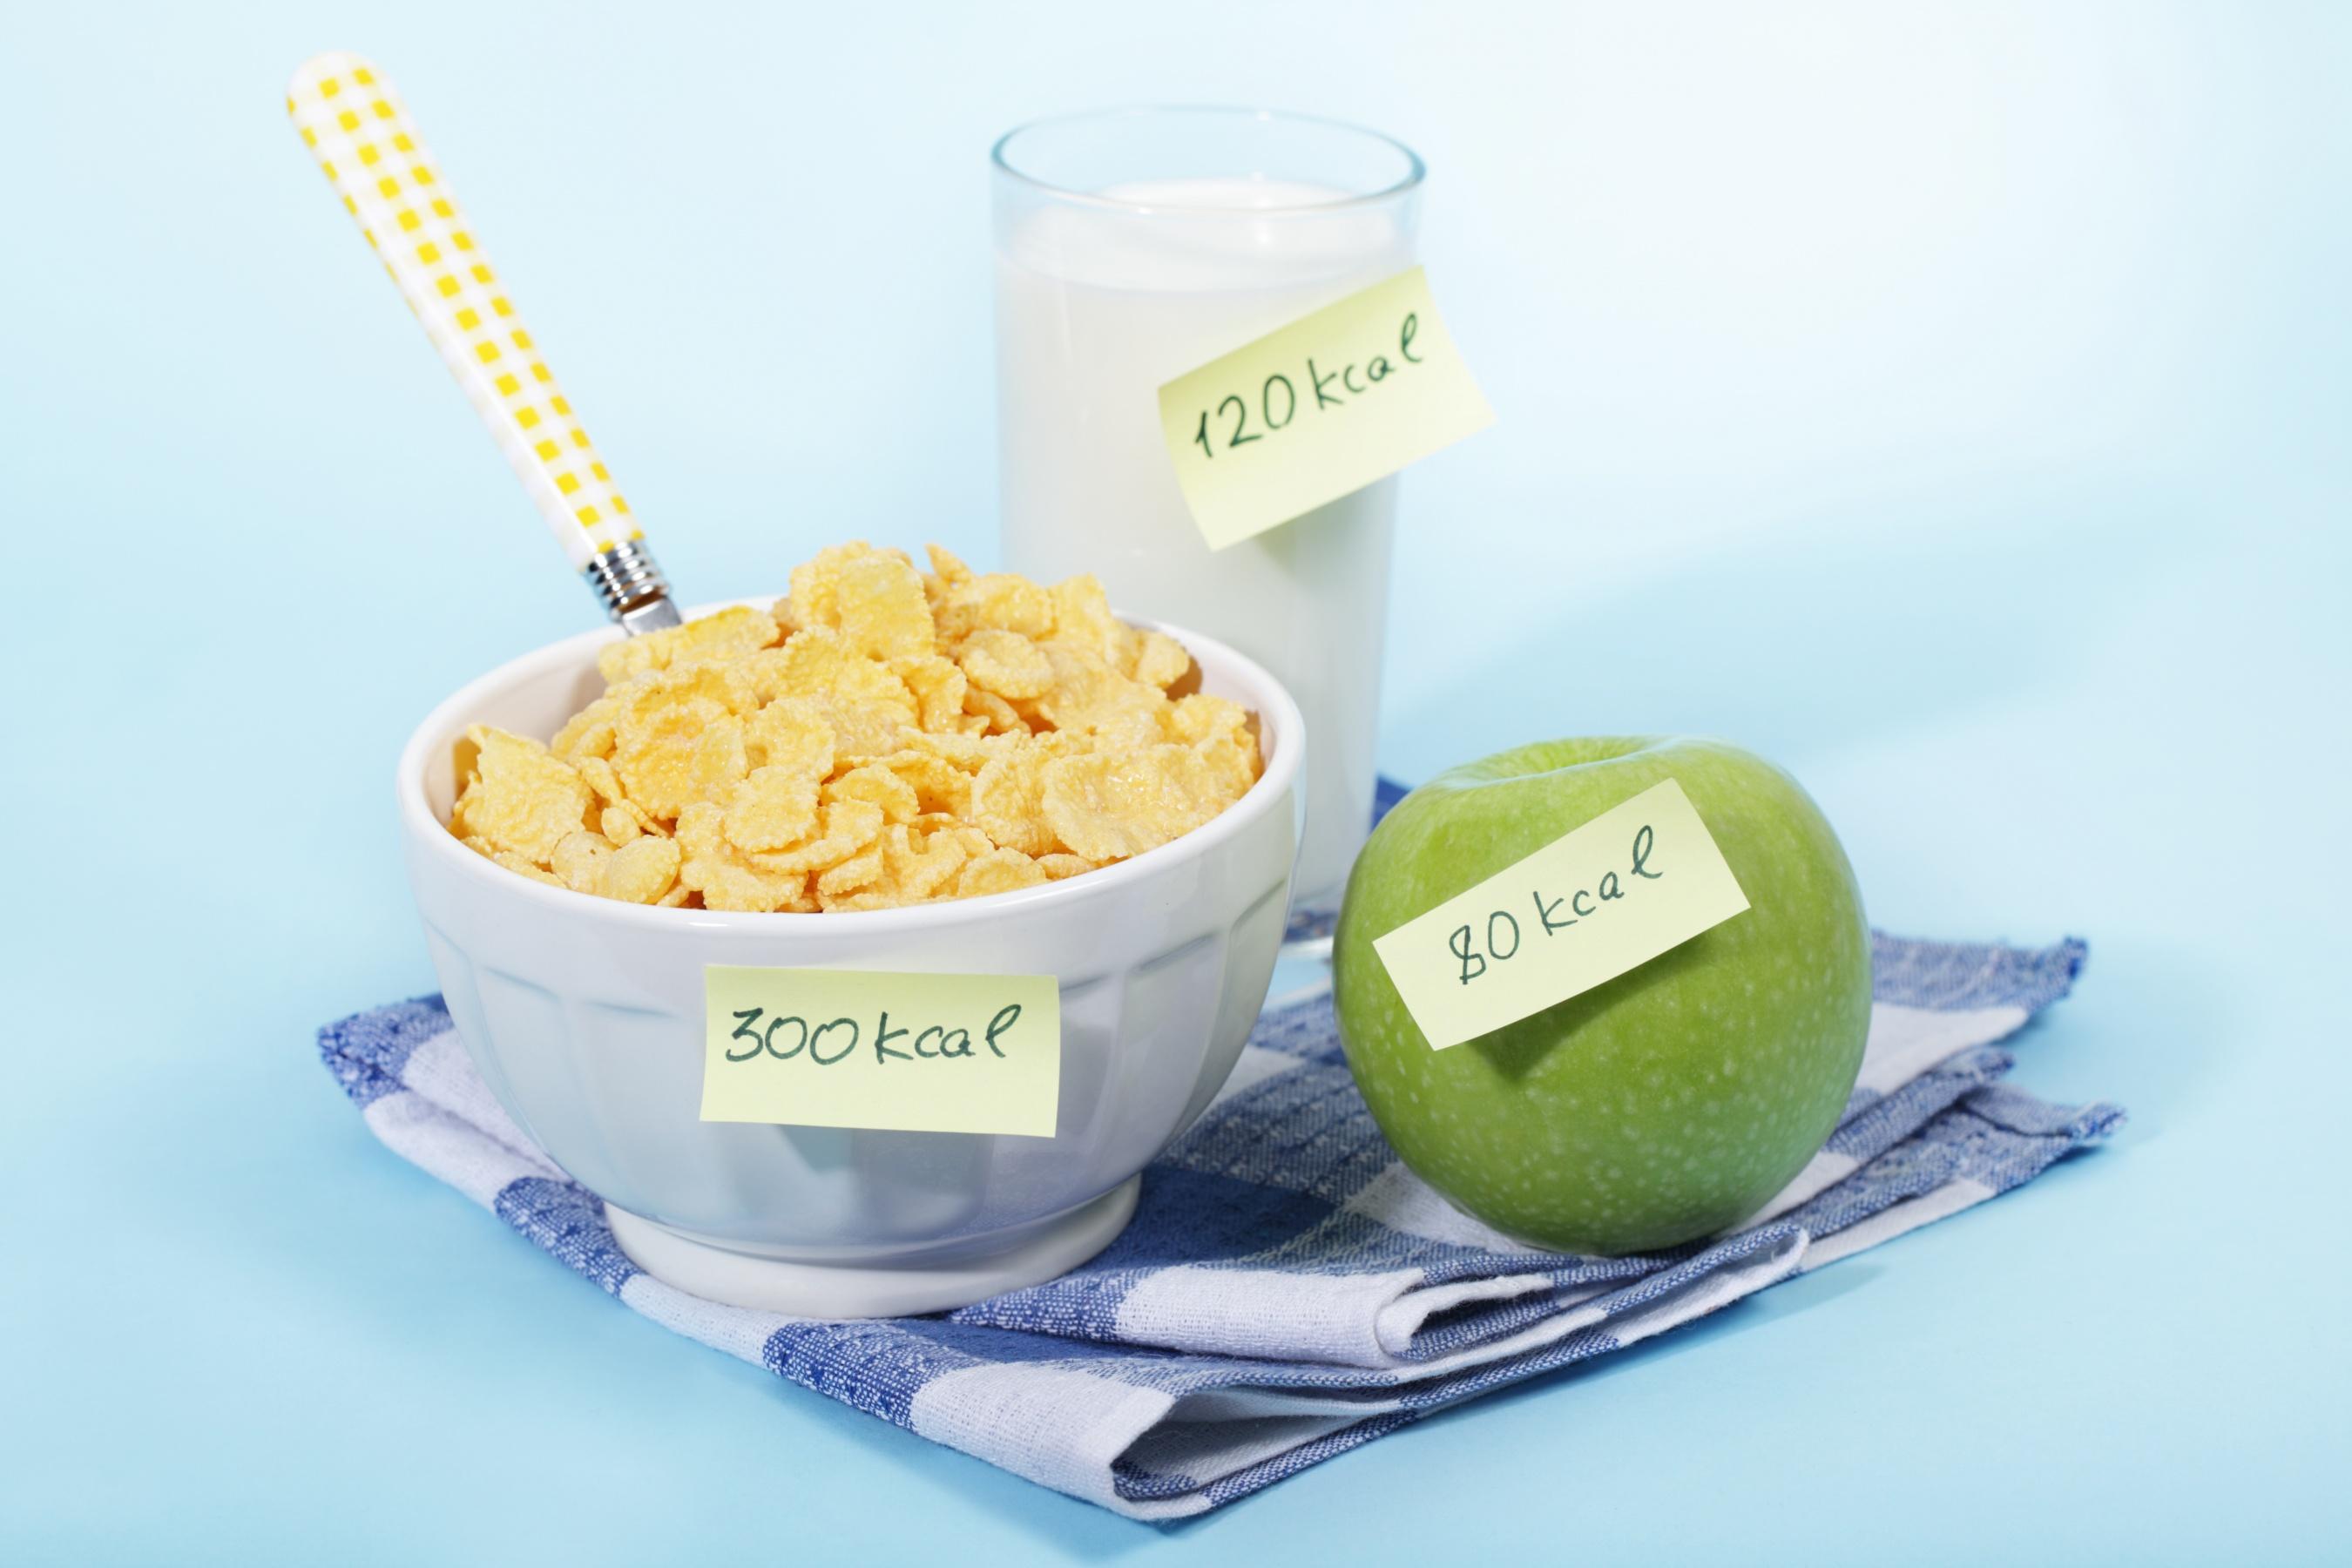 wii fit vous aide-t-il à perdre du poids